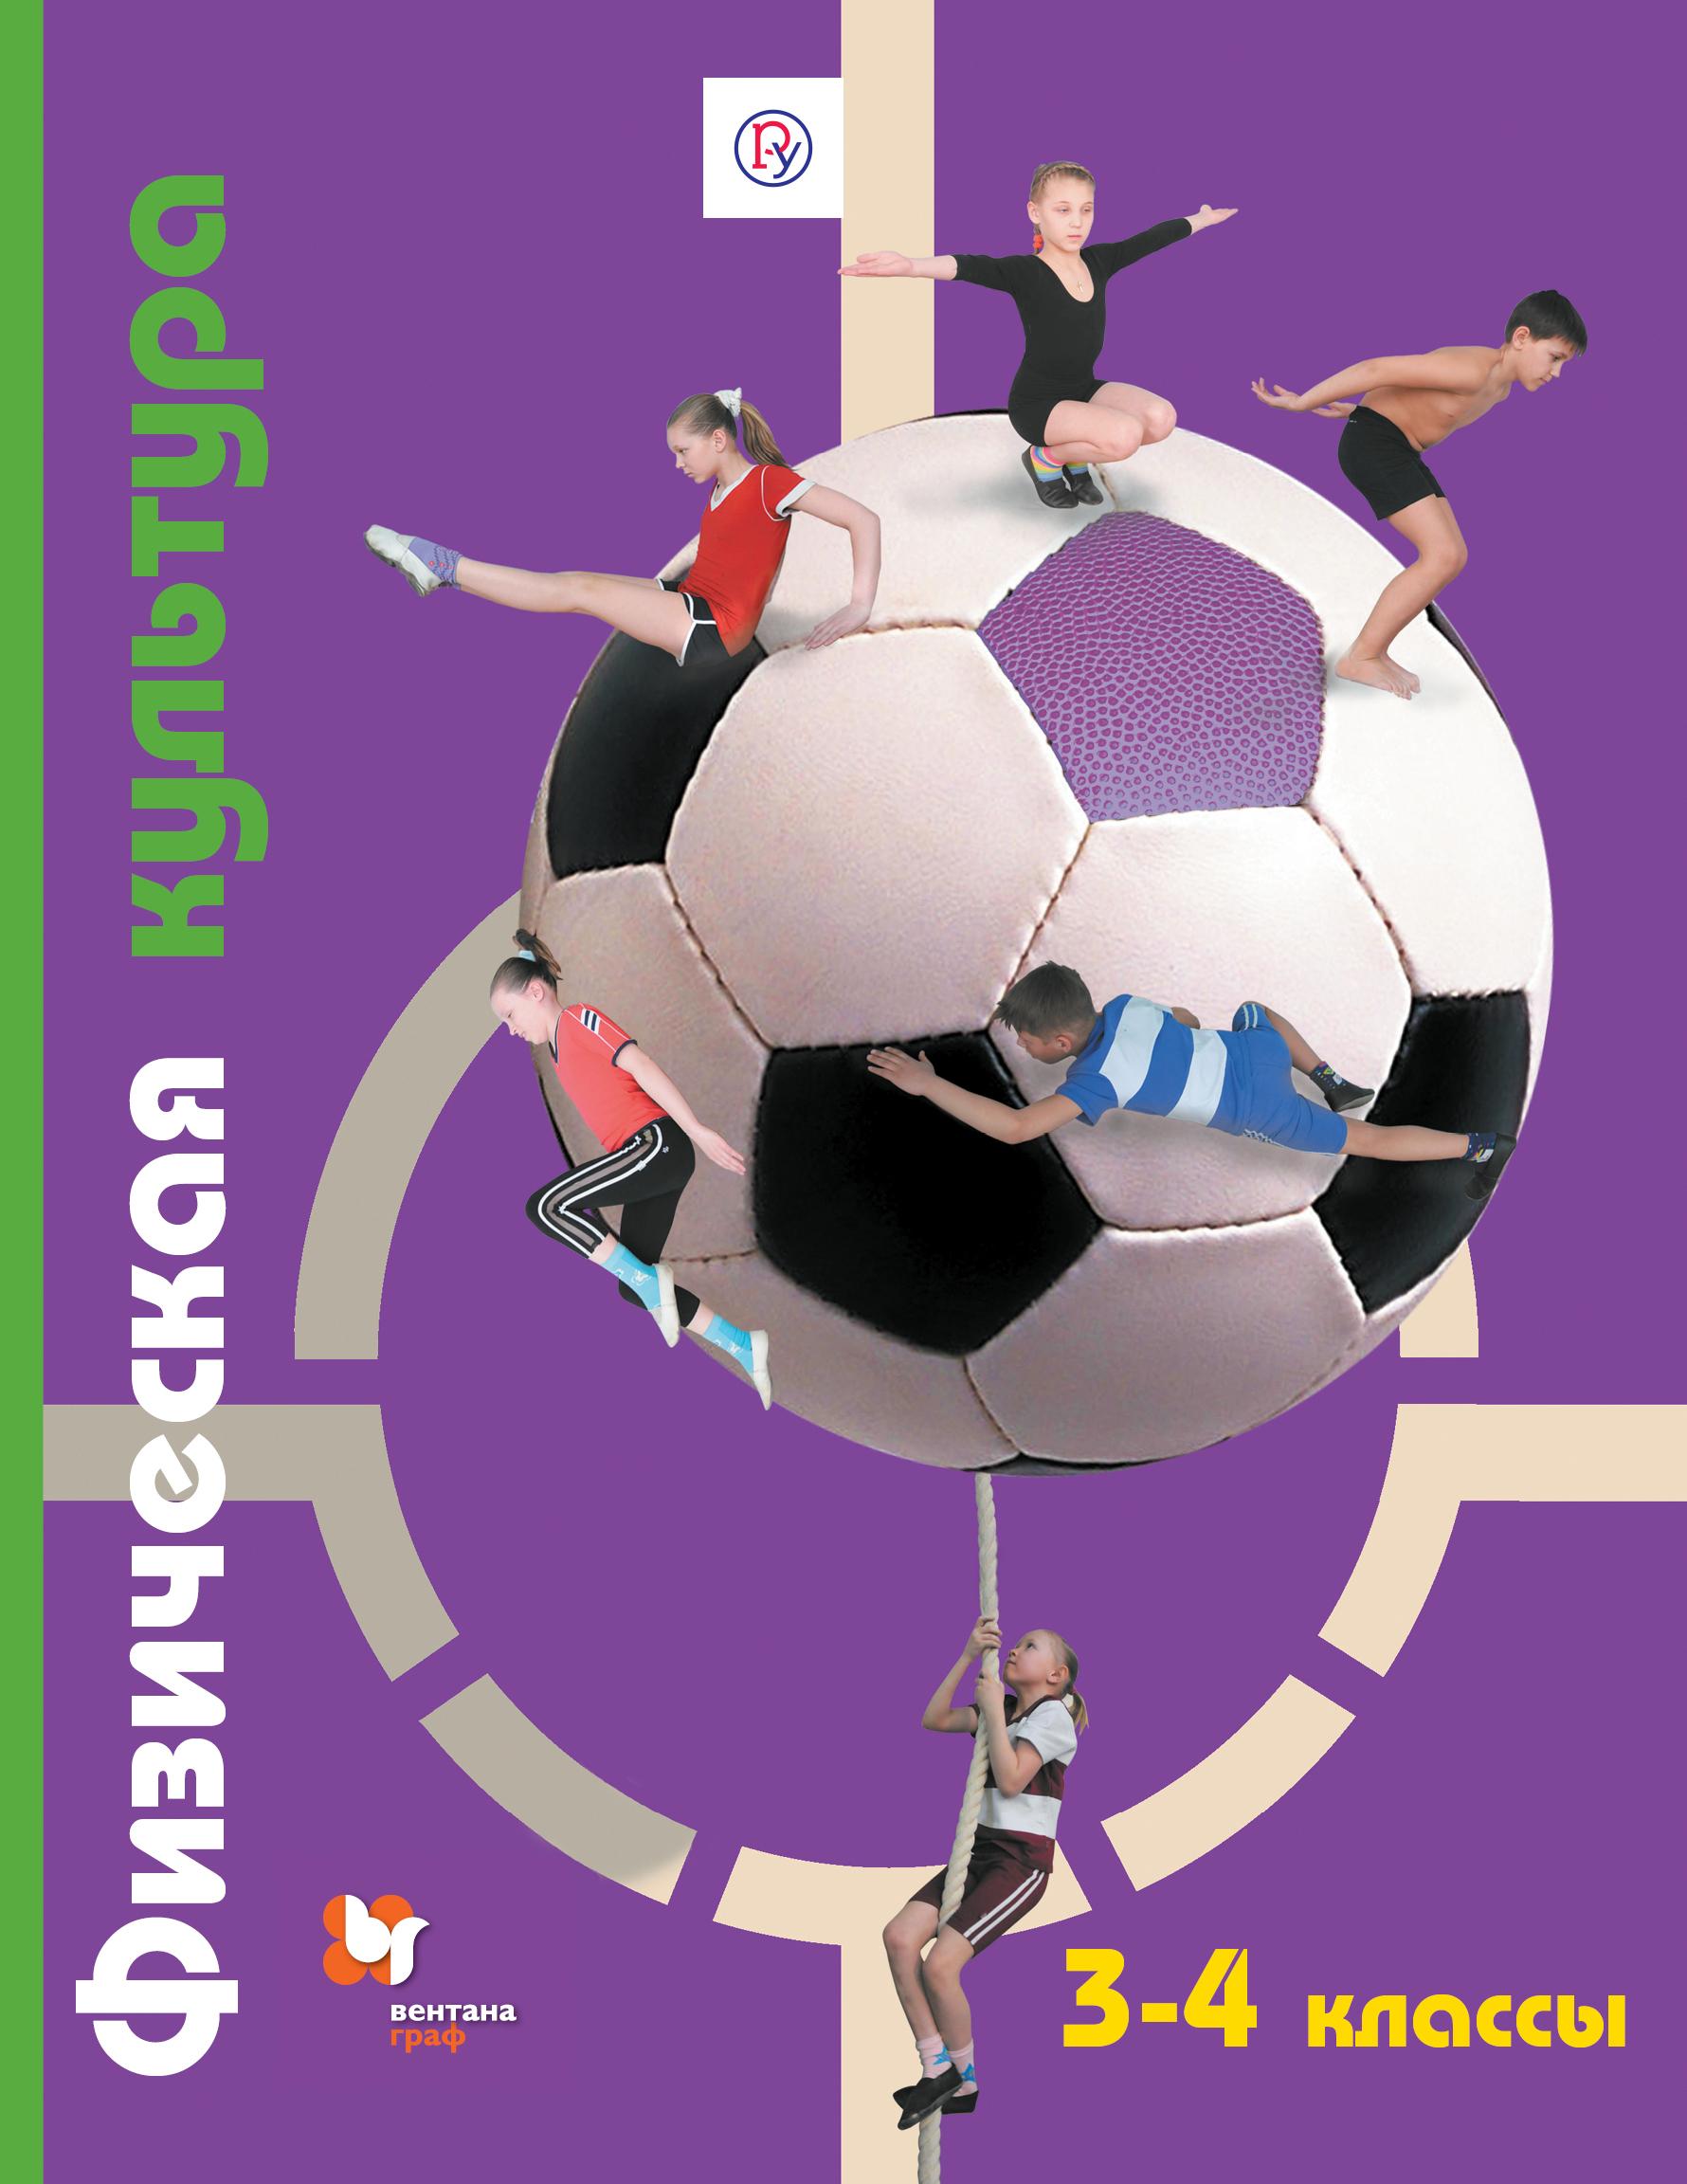 Физическая культура. 3-4кл. Учебник. ( Петрова Т.В., Копылов Ю.А., Полянская Н.В.  )